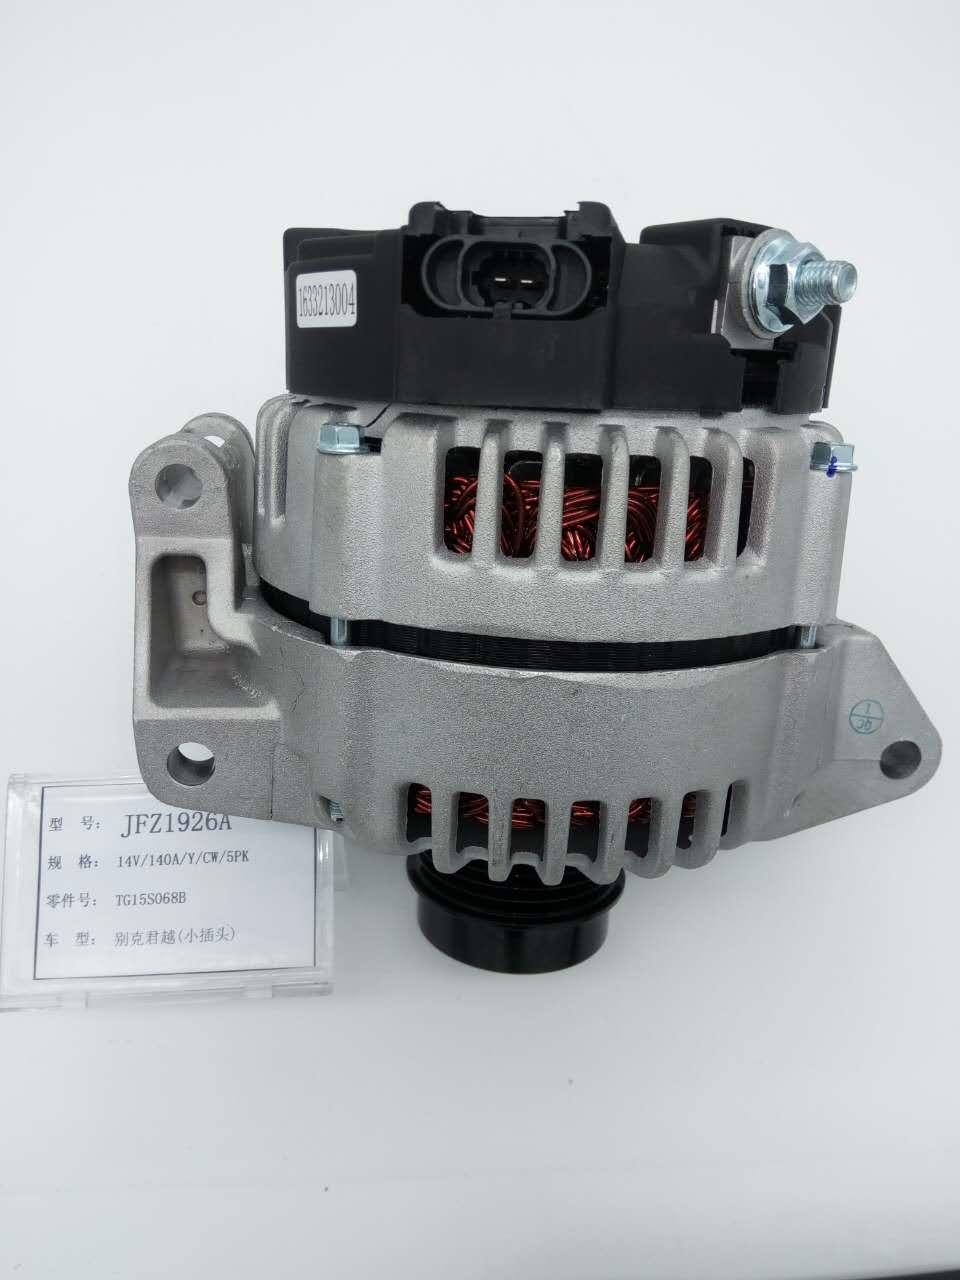 君越發電機TC15S068B法雷奧發電機TG15S068B